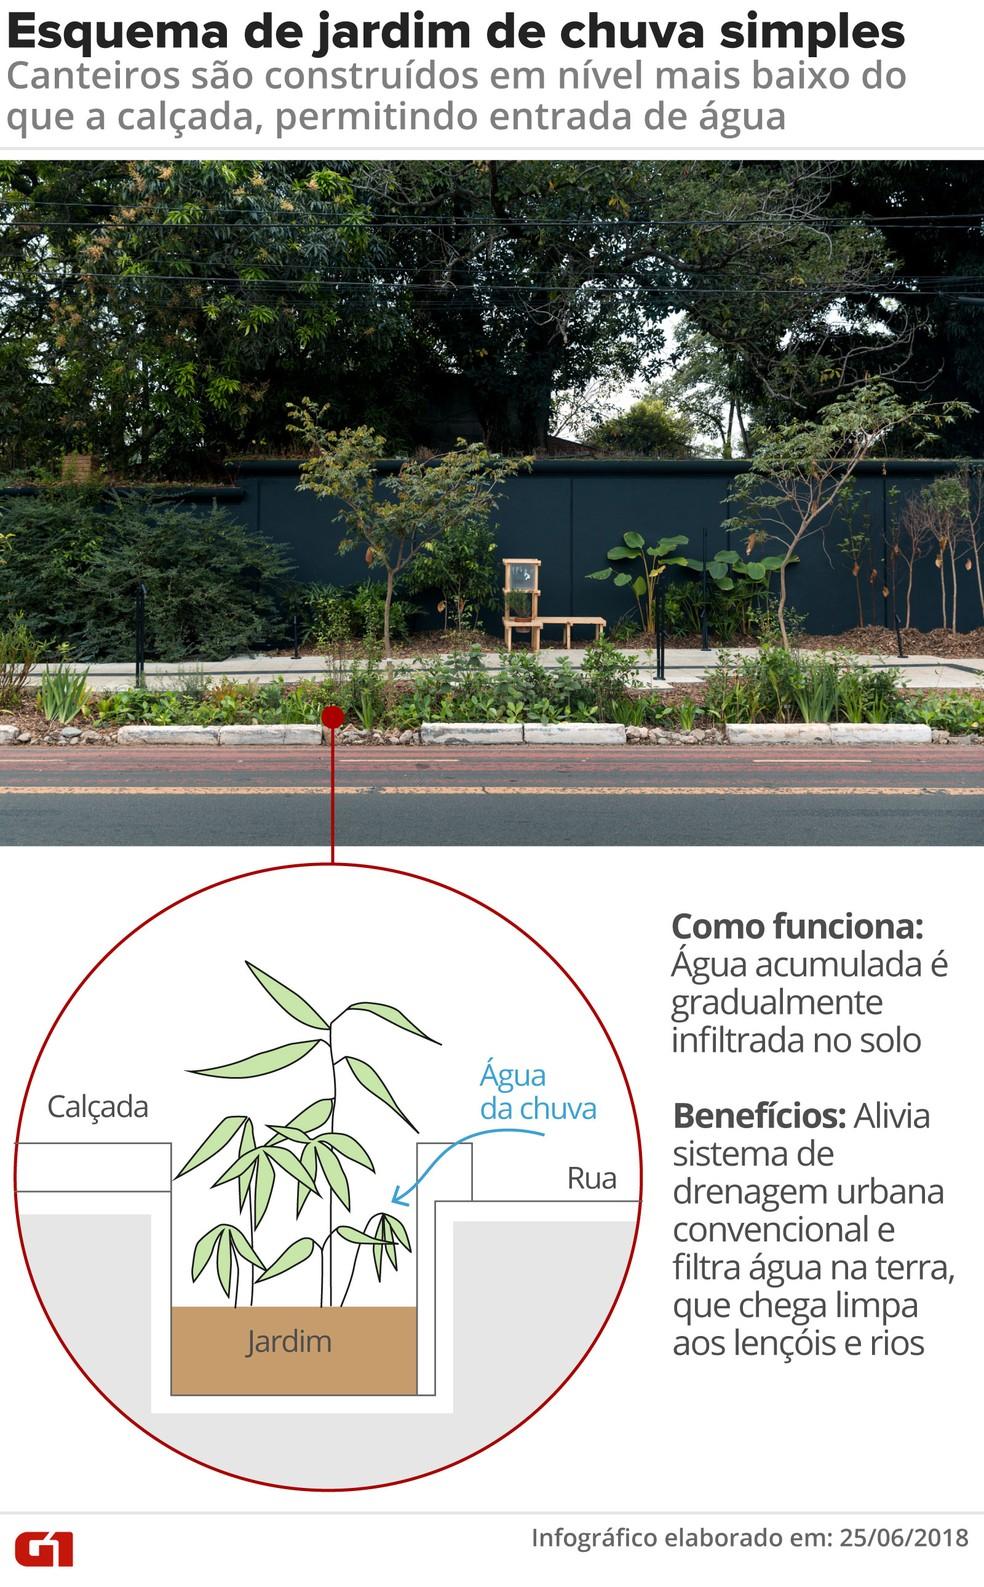 Esquema simples de jardim de chuva (Foto: Arte/G1)